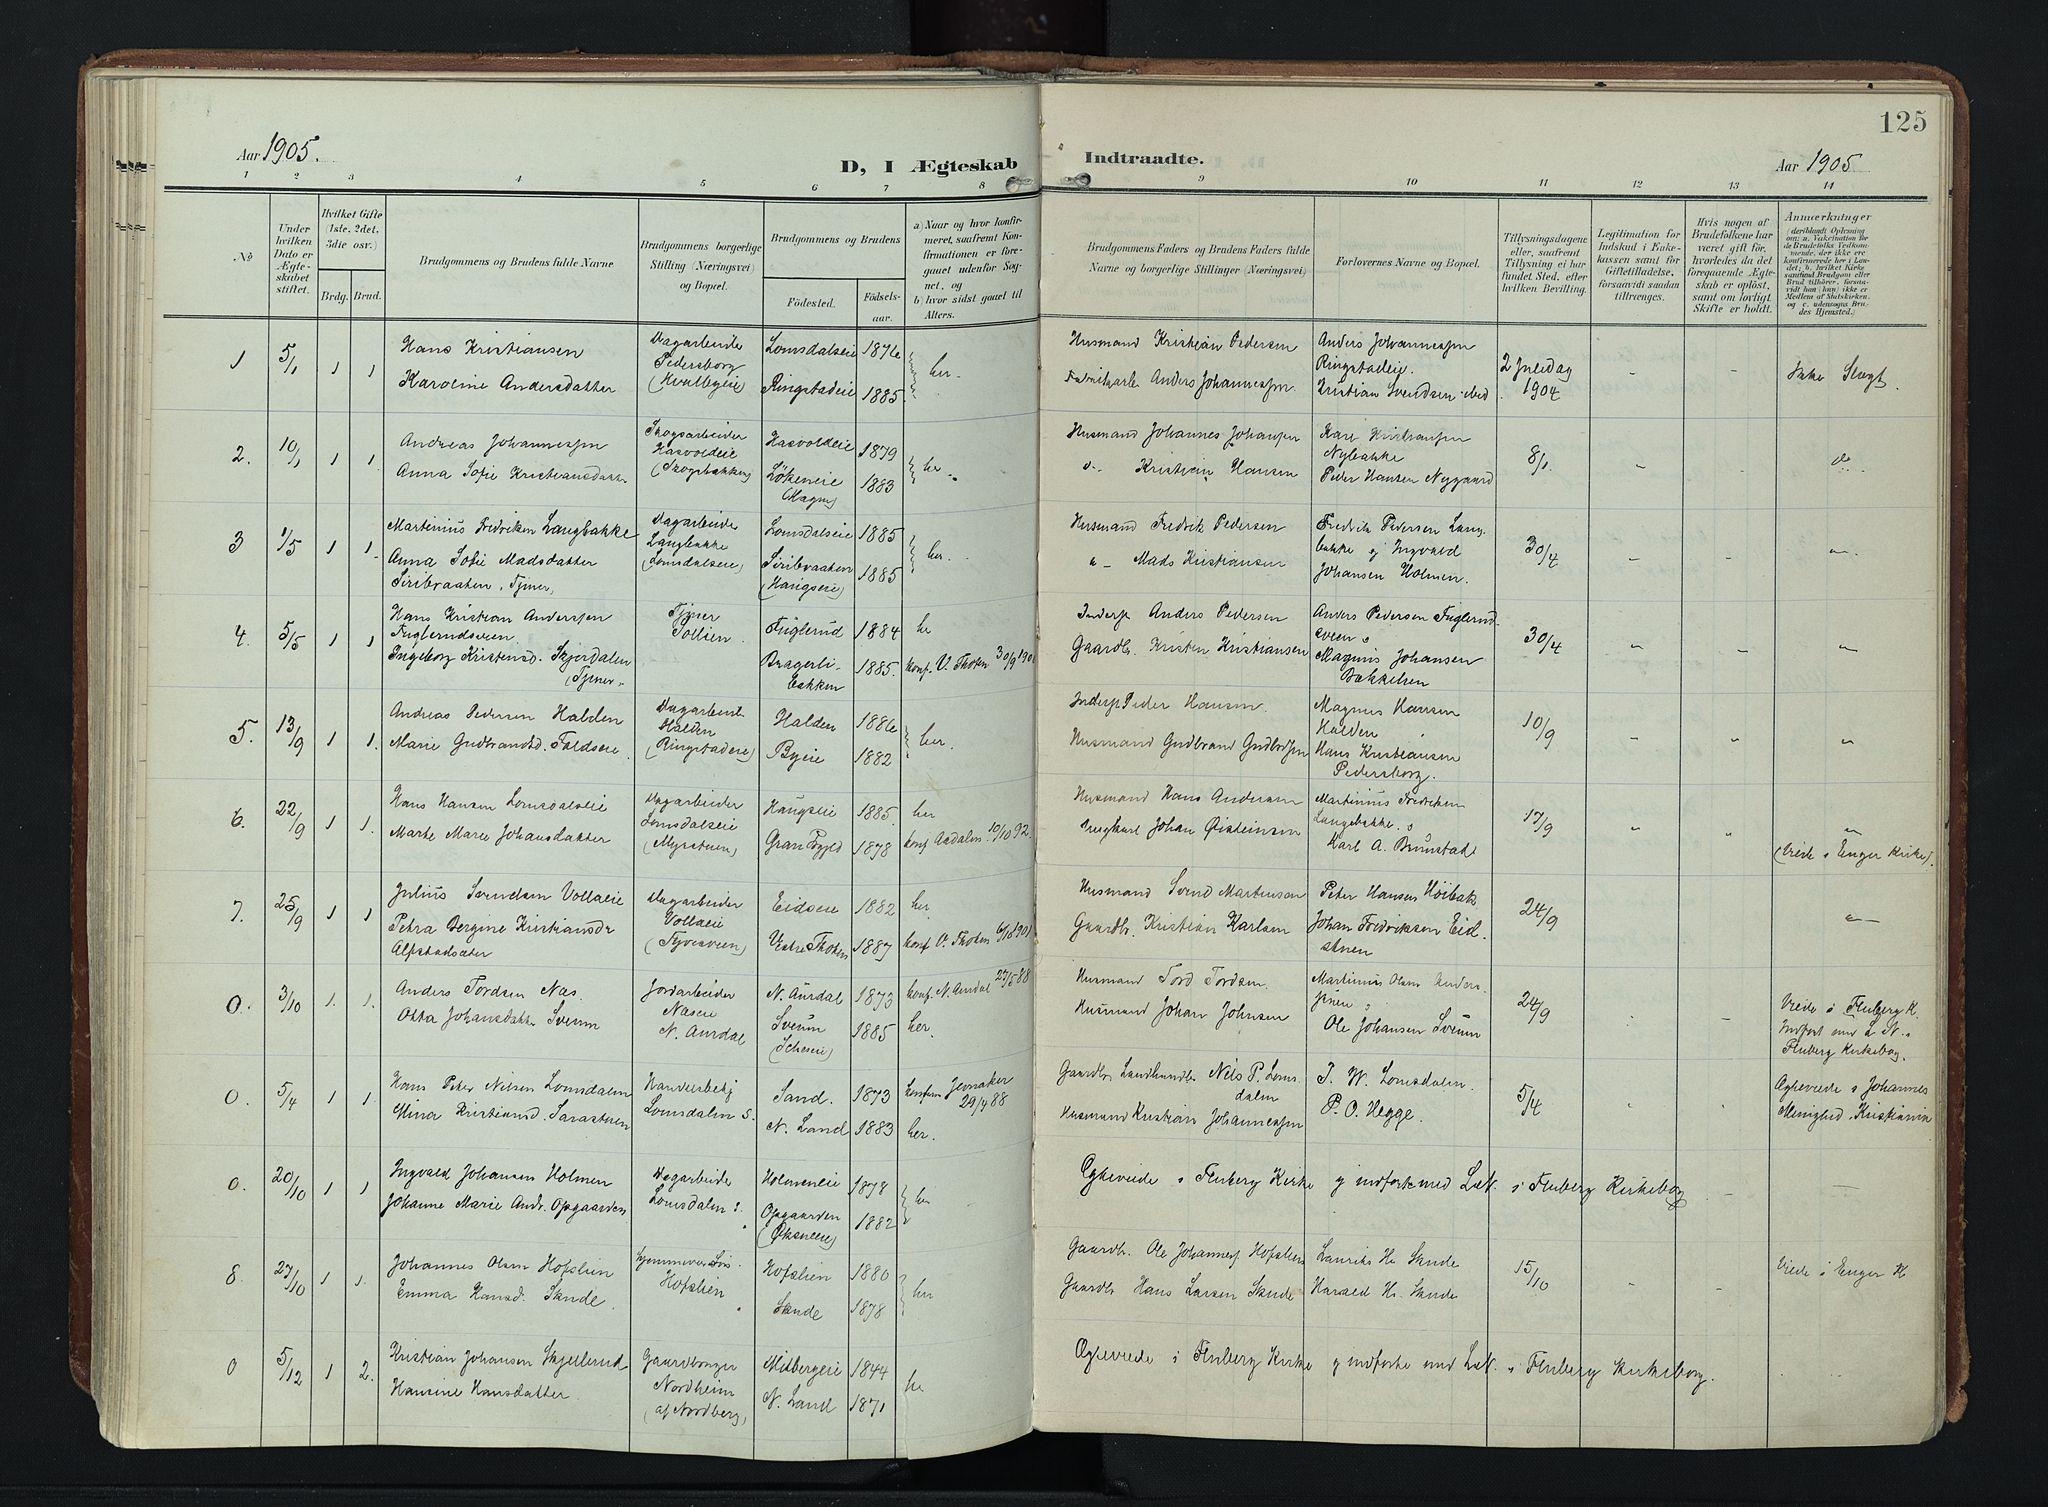 SAH, Søndre Land prestekontor, K/L0007: Ministerialbok nr. 7, 1905-1914, s. 125